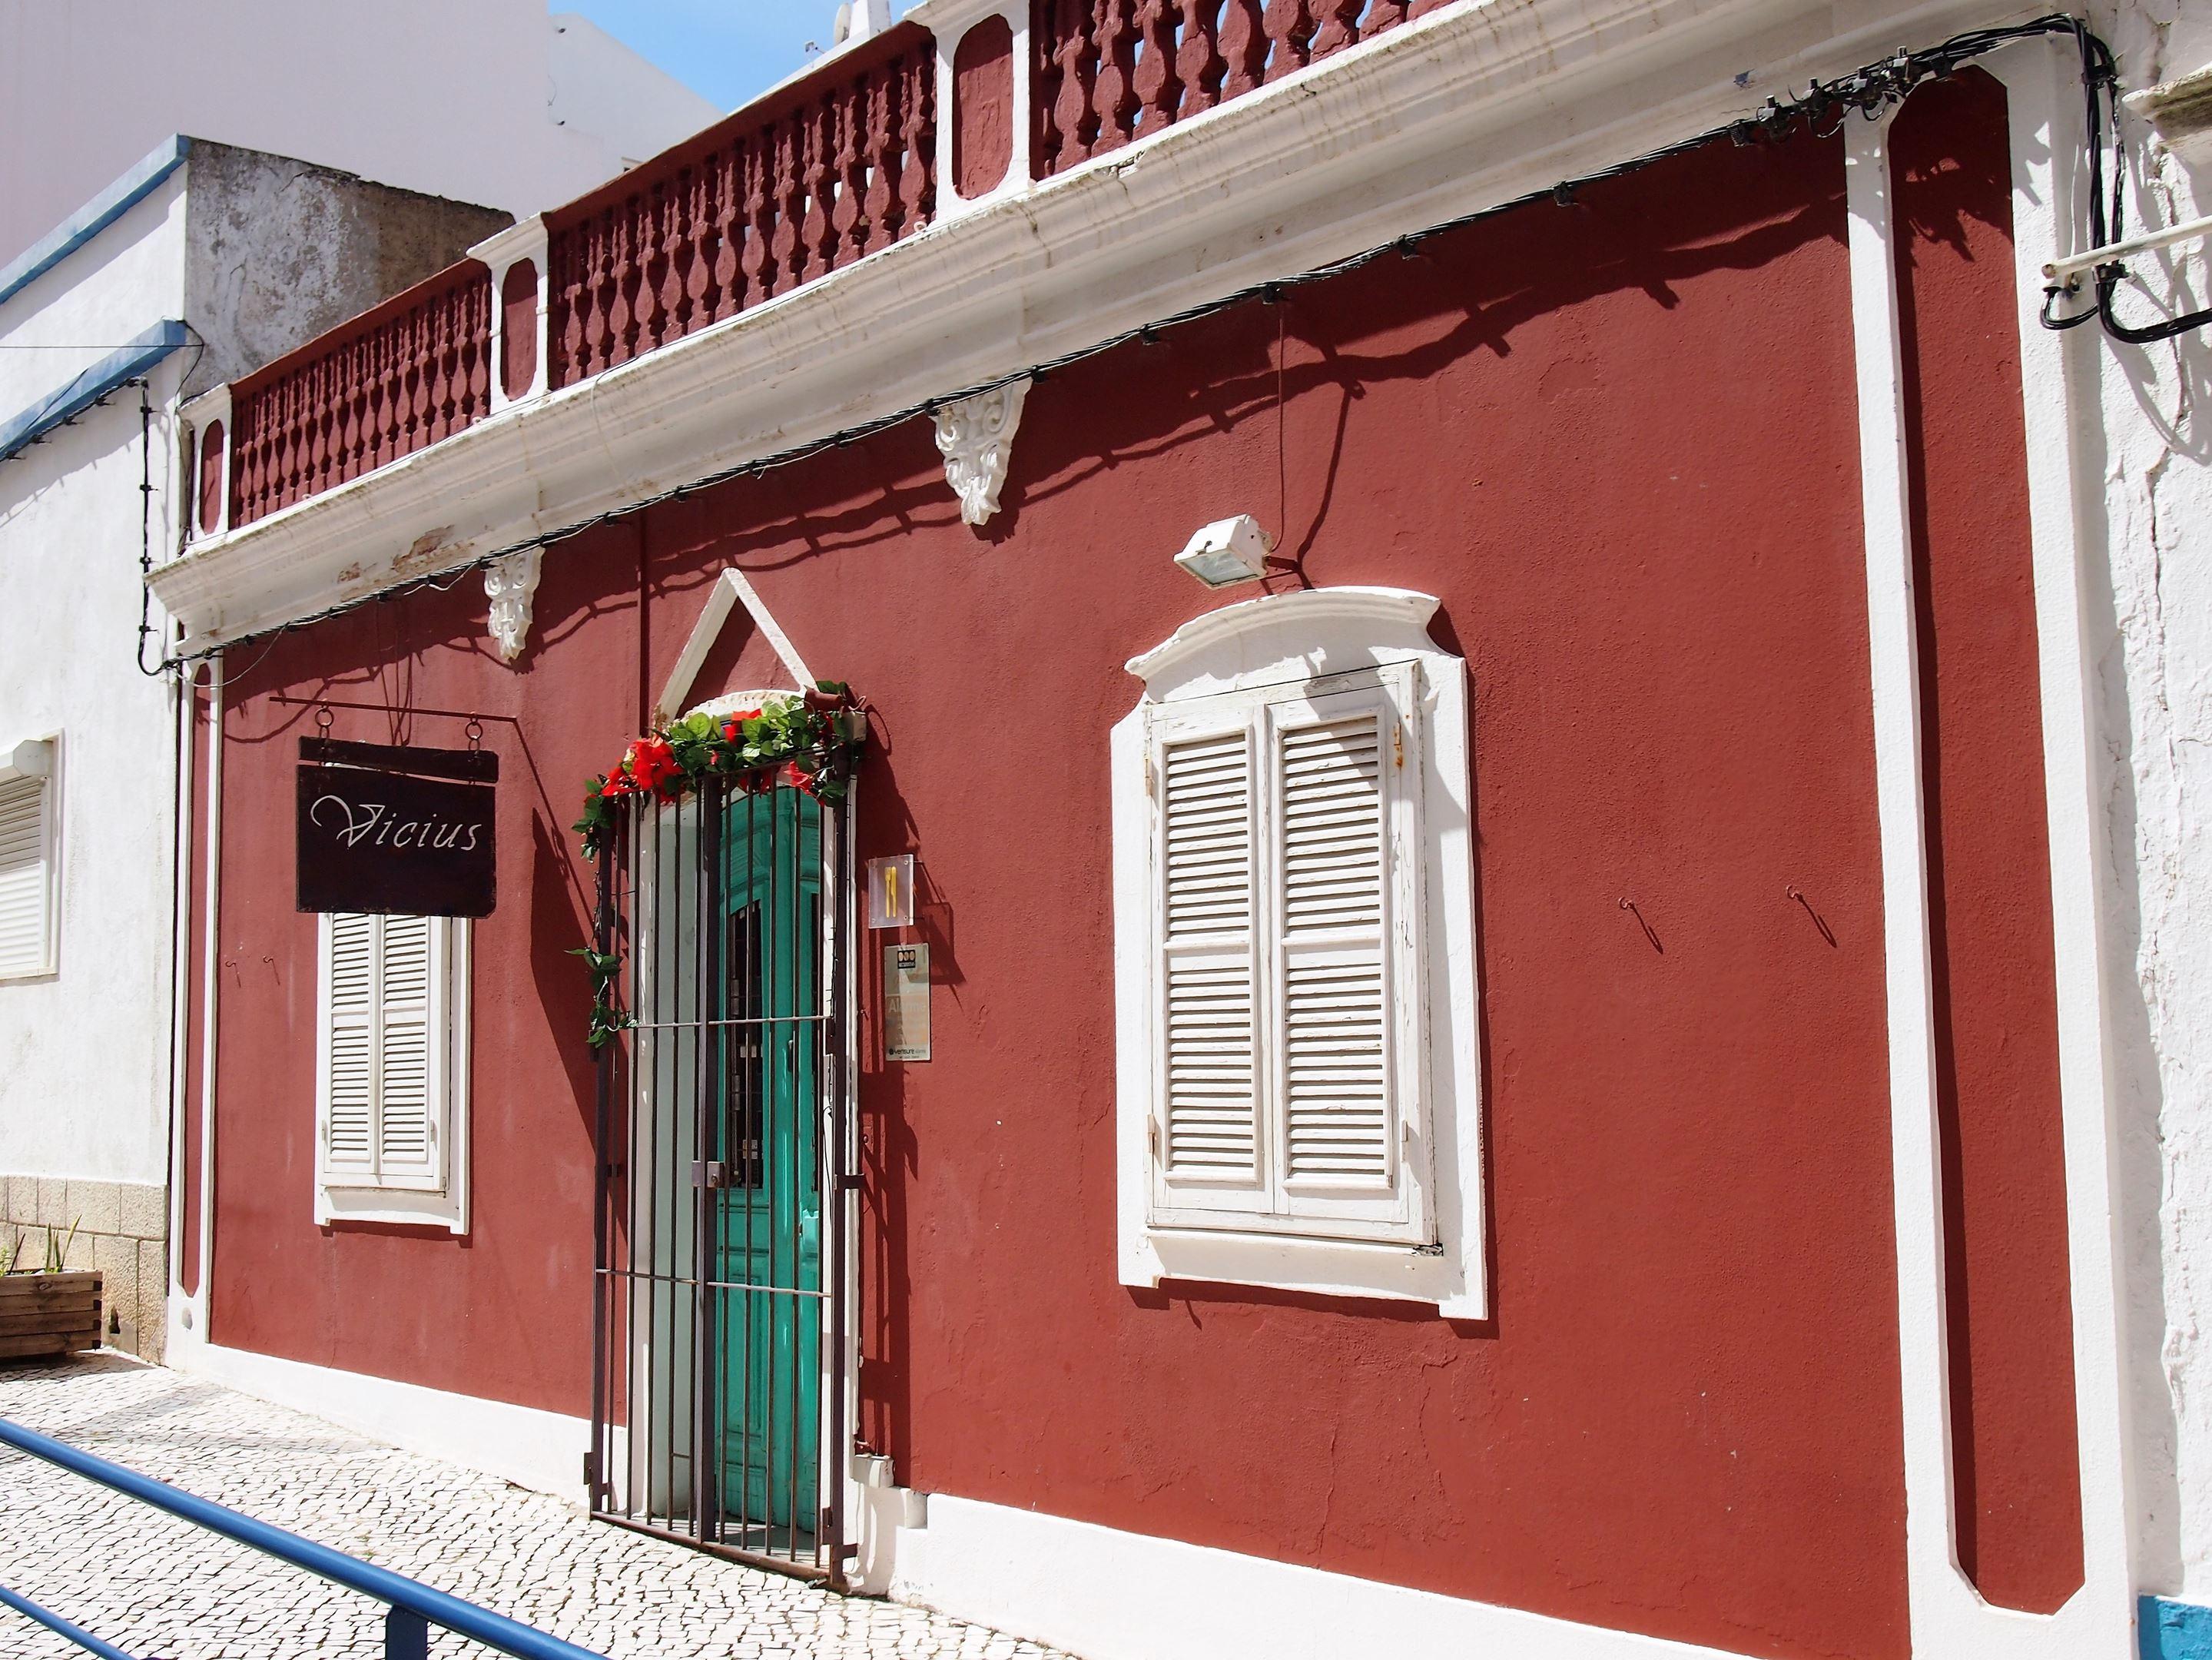 Restaurante Vicius, Monte Gordo